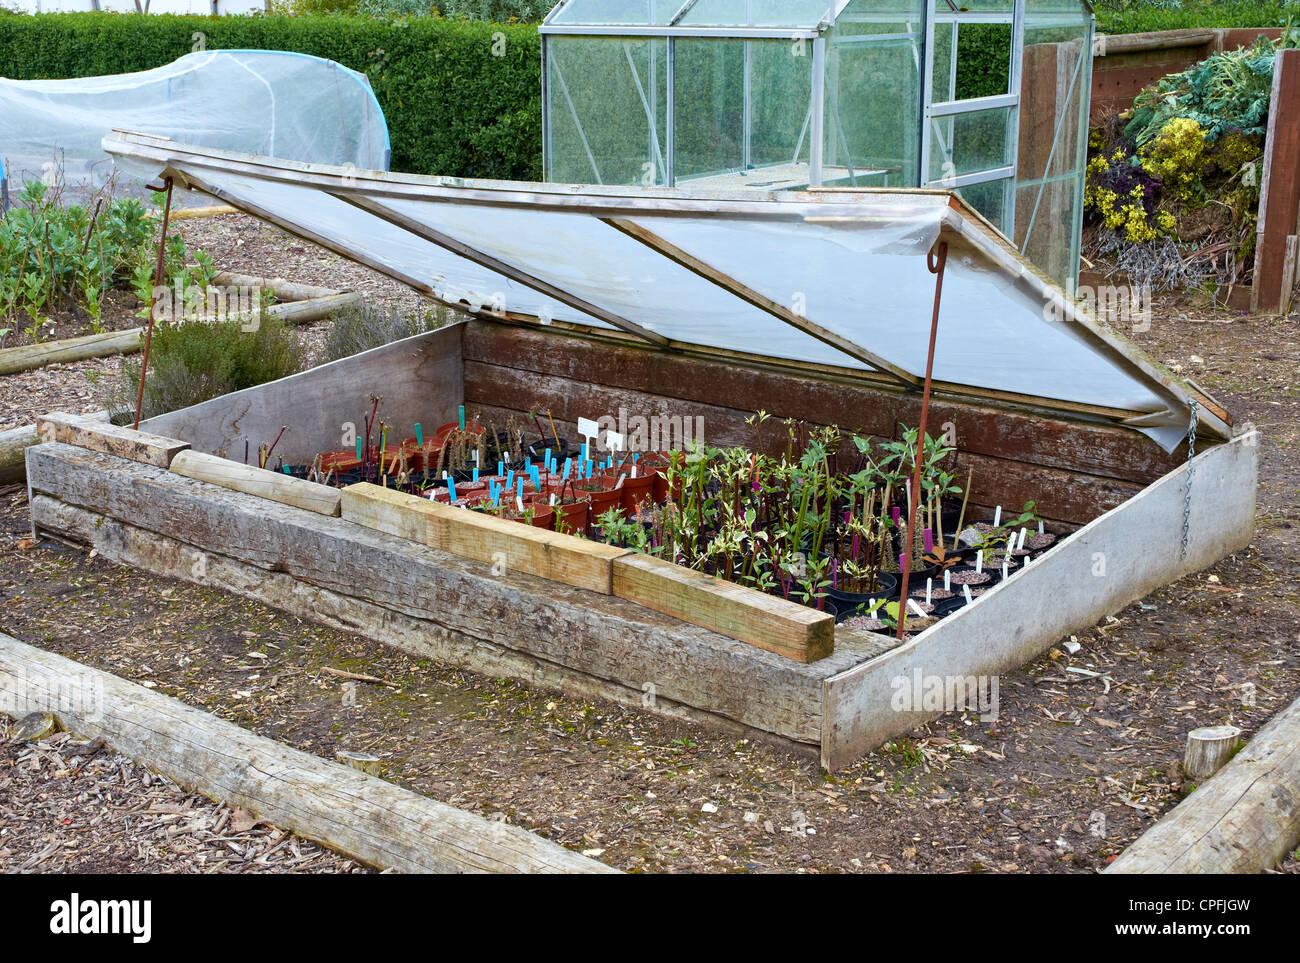 Cold Frame Garden Stock Photos & Cold Frame Garden Stock Images - Alamy